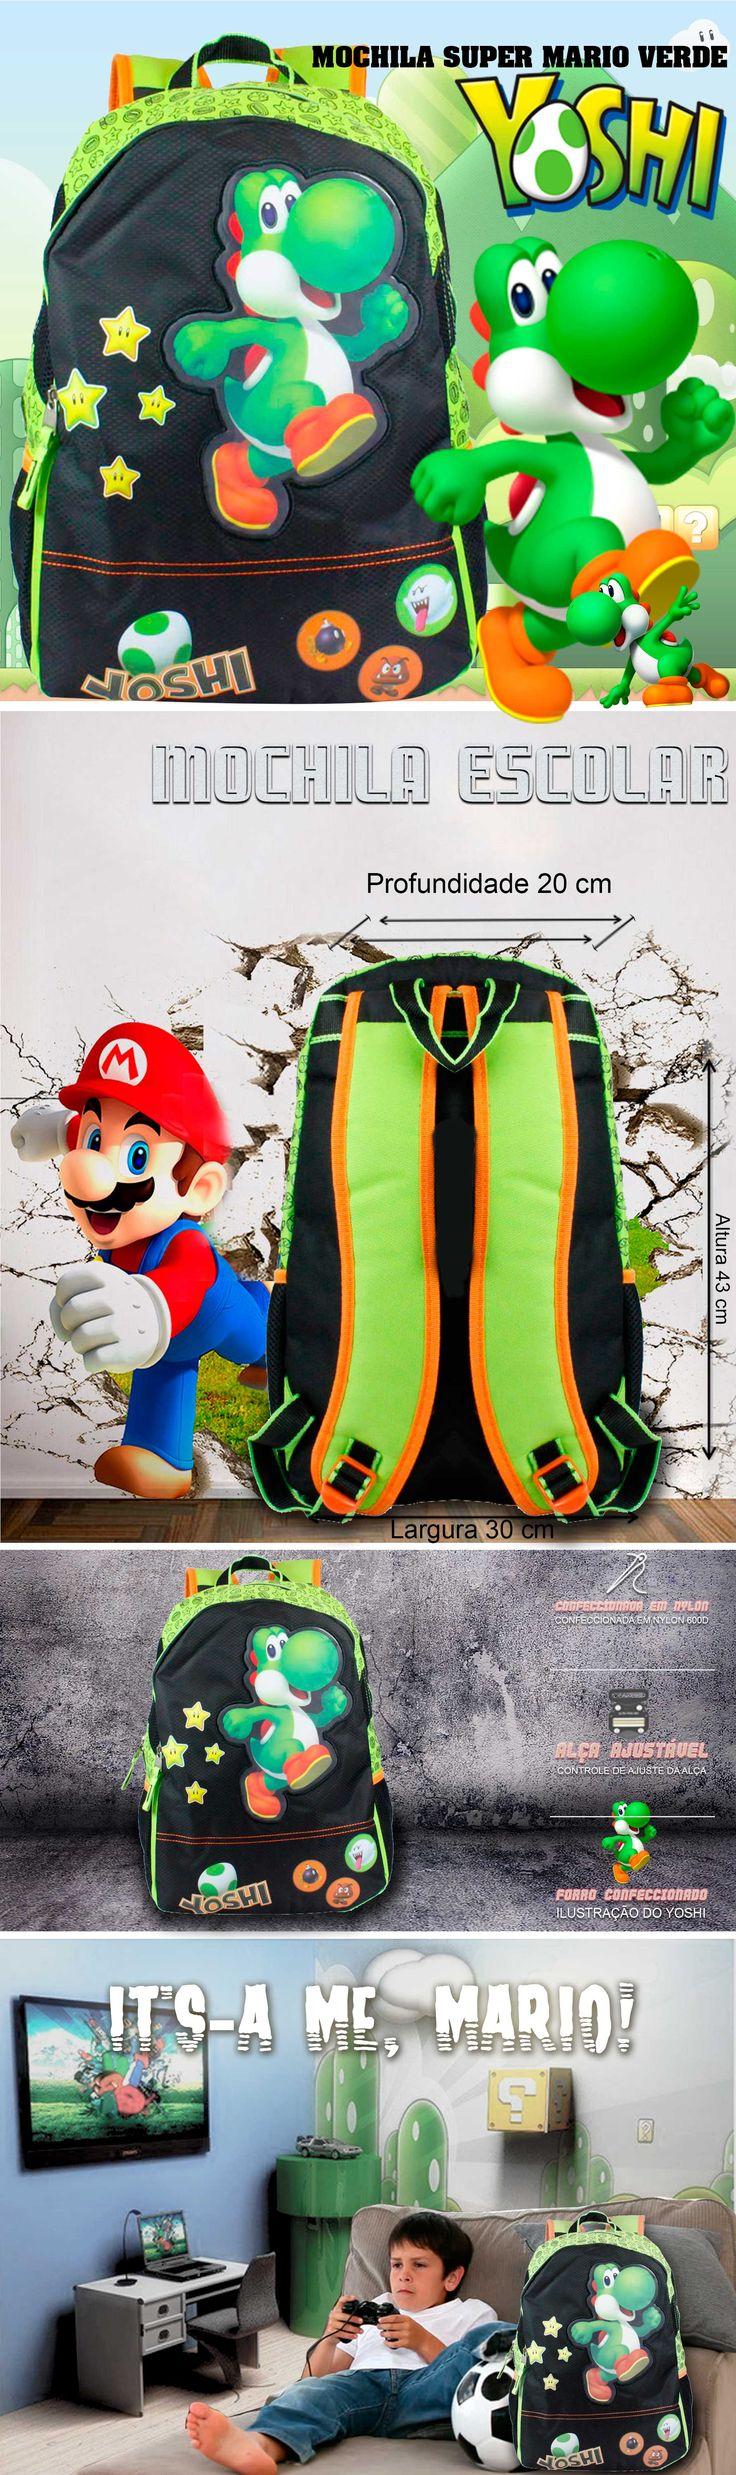 Mochilas escolares Yoshi Super Mario . A maior variedade de bolsas, malas e mochilas da internet em um só lugar. Pensou em bolsa, pensou EllaStore. A sua loja de bolsas da internet